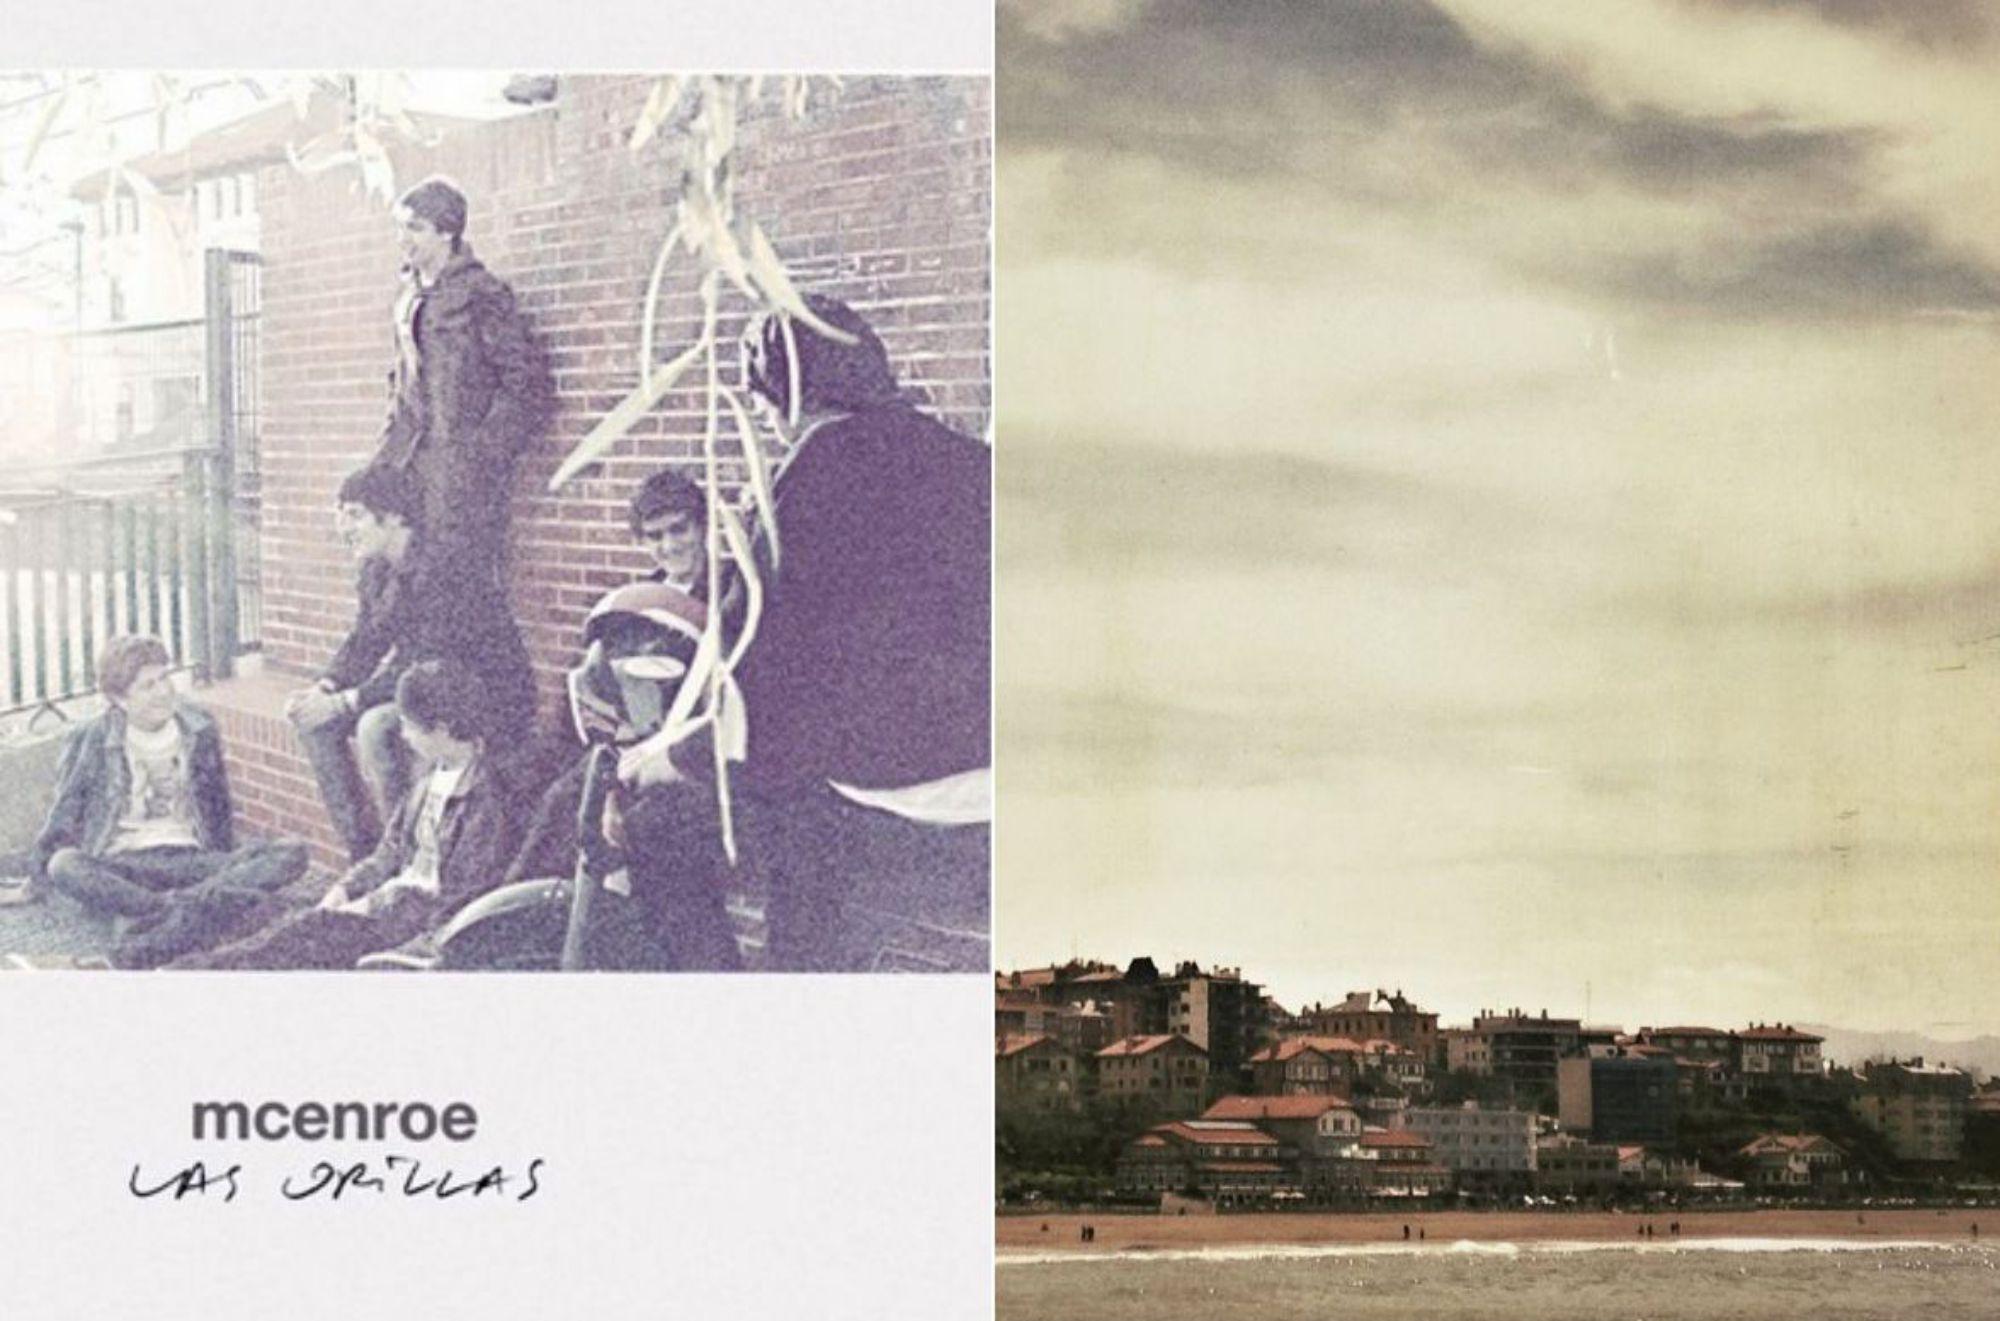 La portada del disco con el que se consolida McEnroe y una vista del Puerto Viejo de Bilbao. Fotos: Facebook McEnroe.